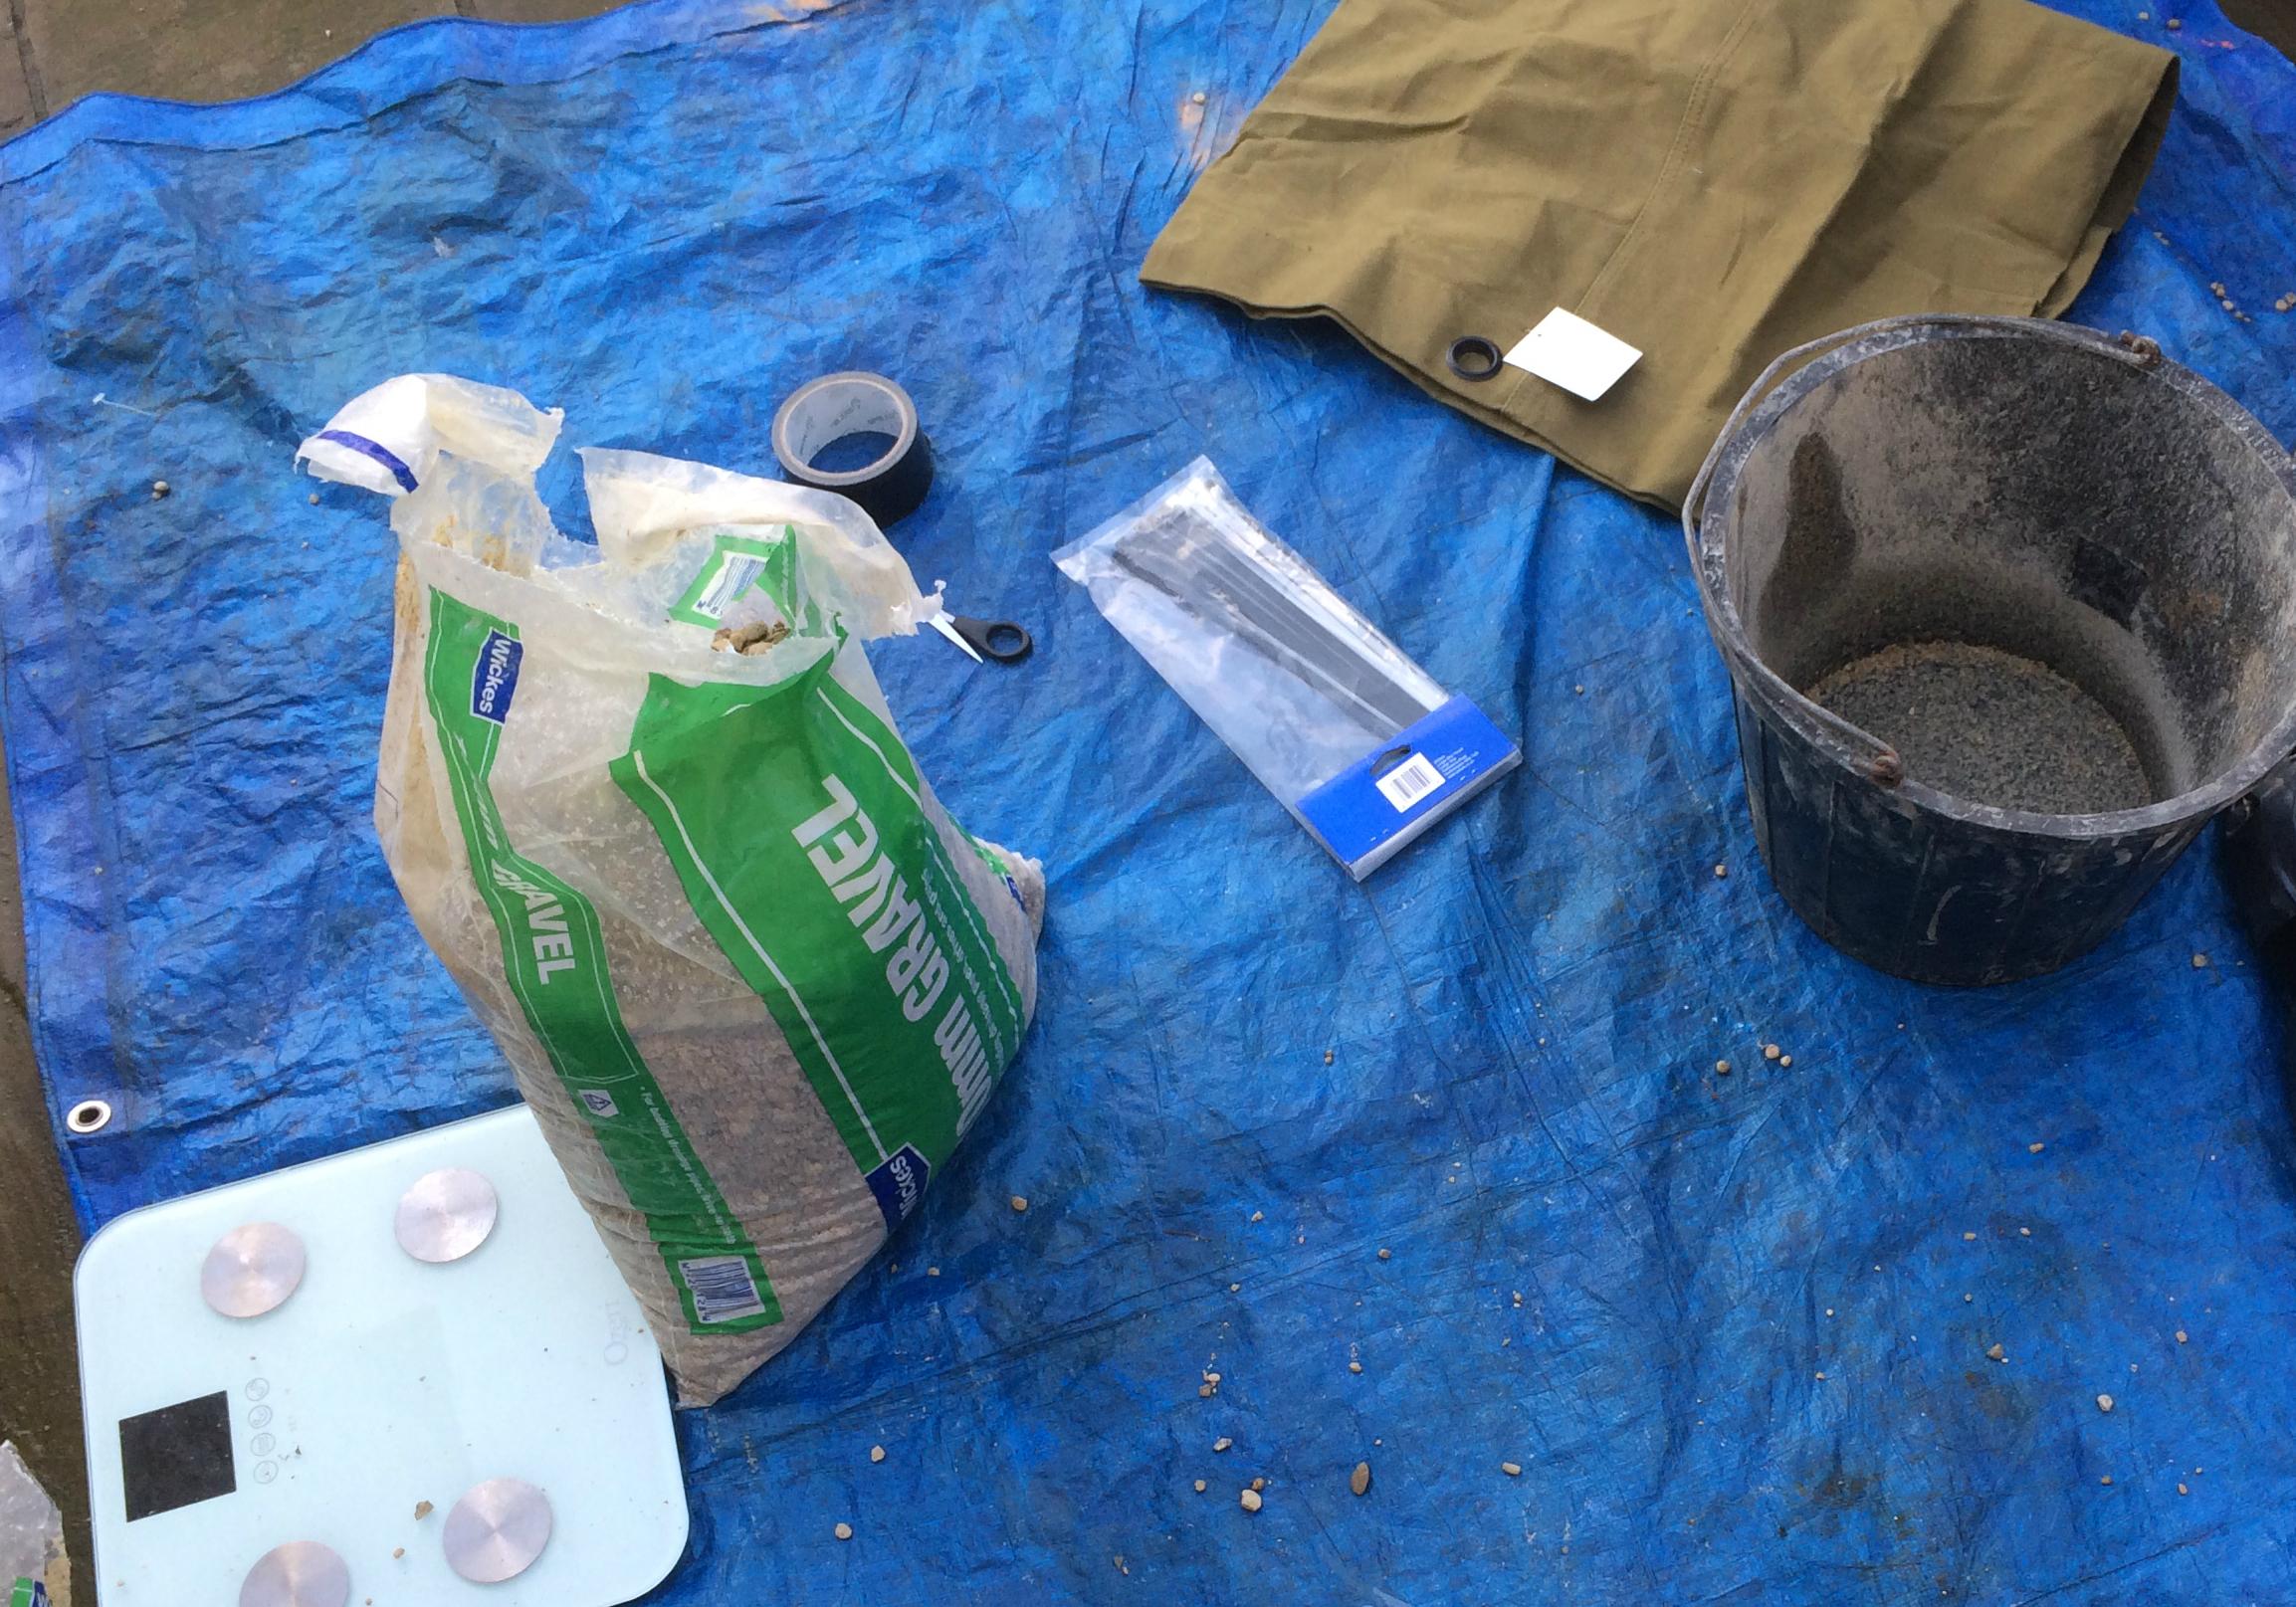 DIY Sandbag Materials